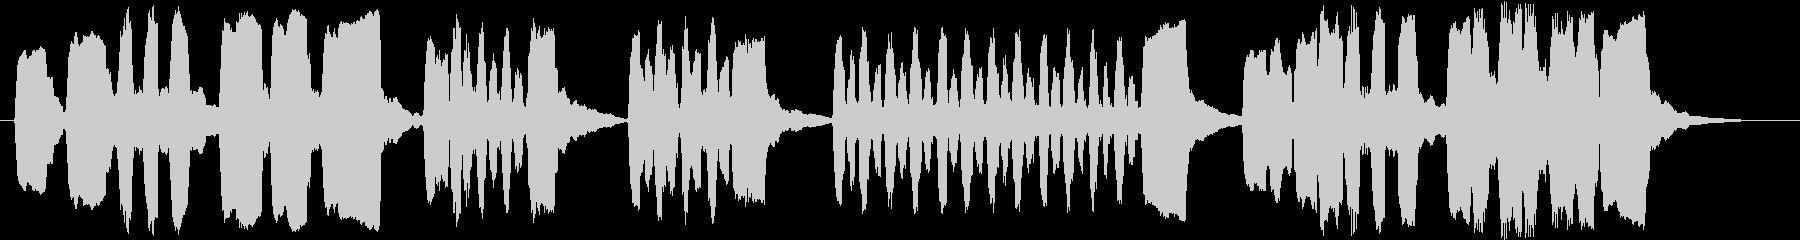 リコーダーで作ったシンプルなジングルの未再生の波形